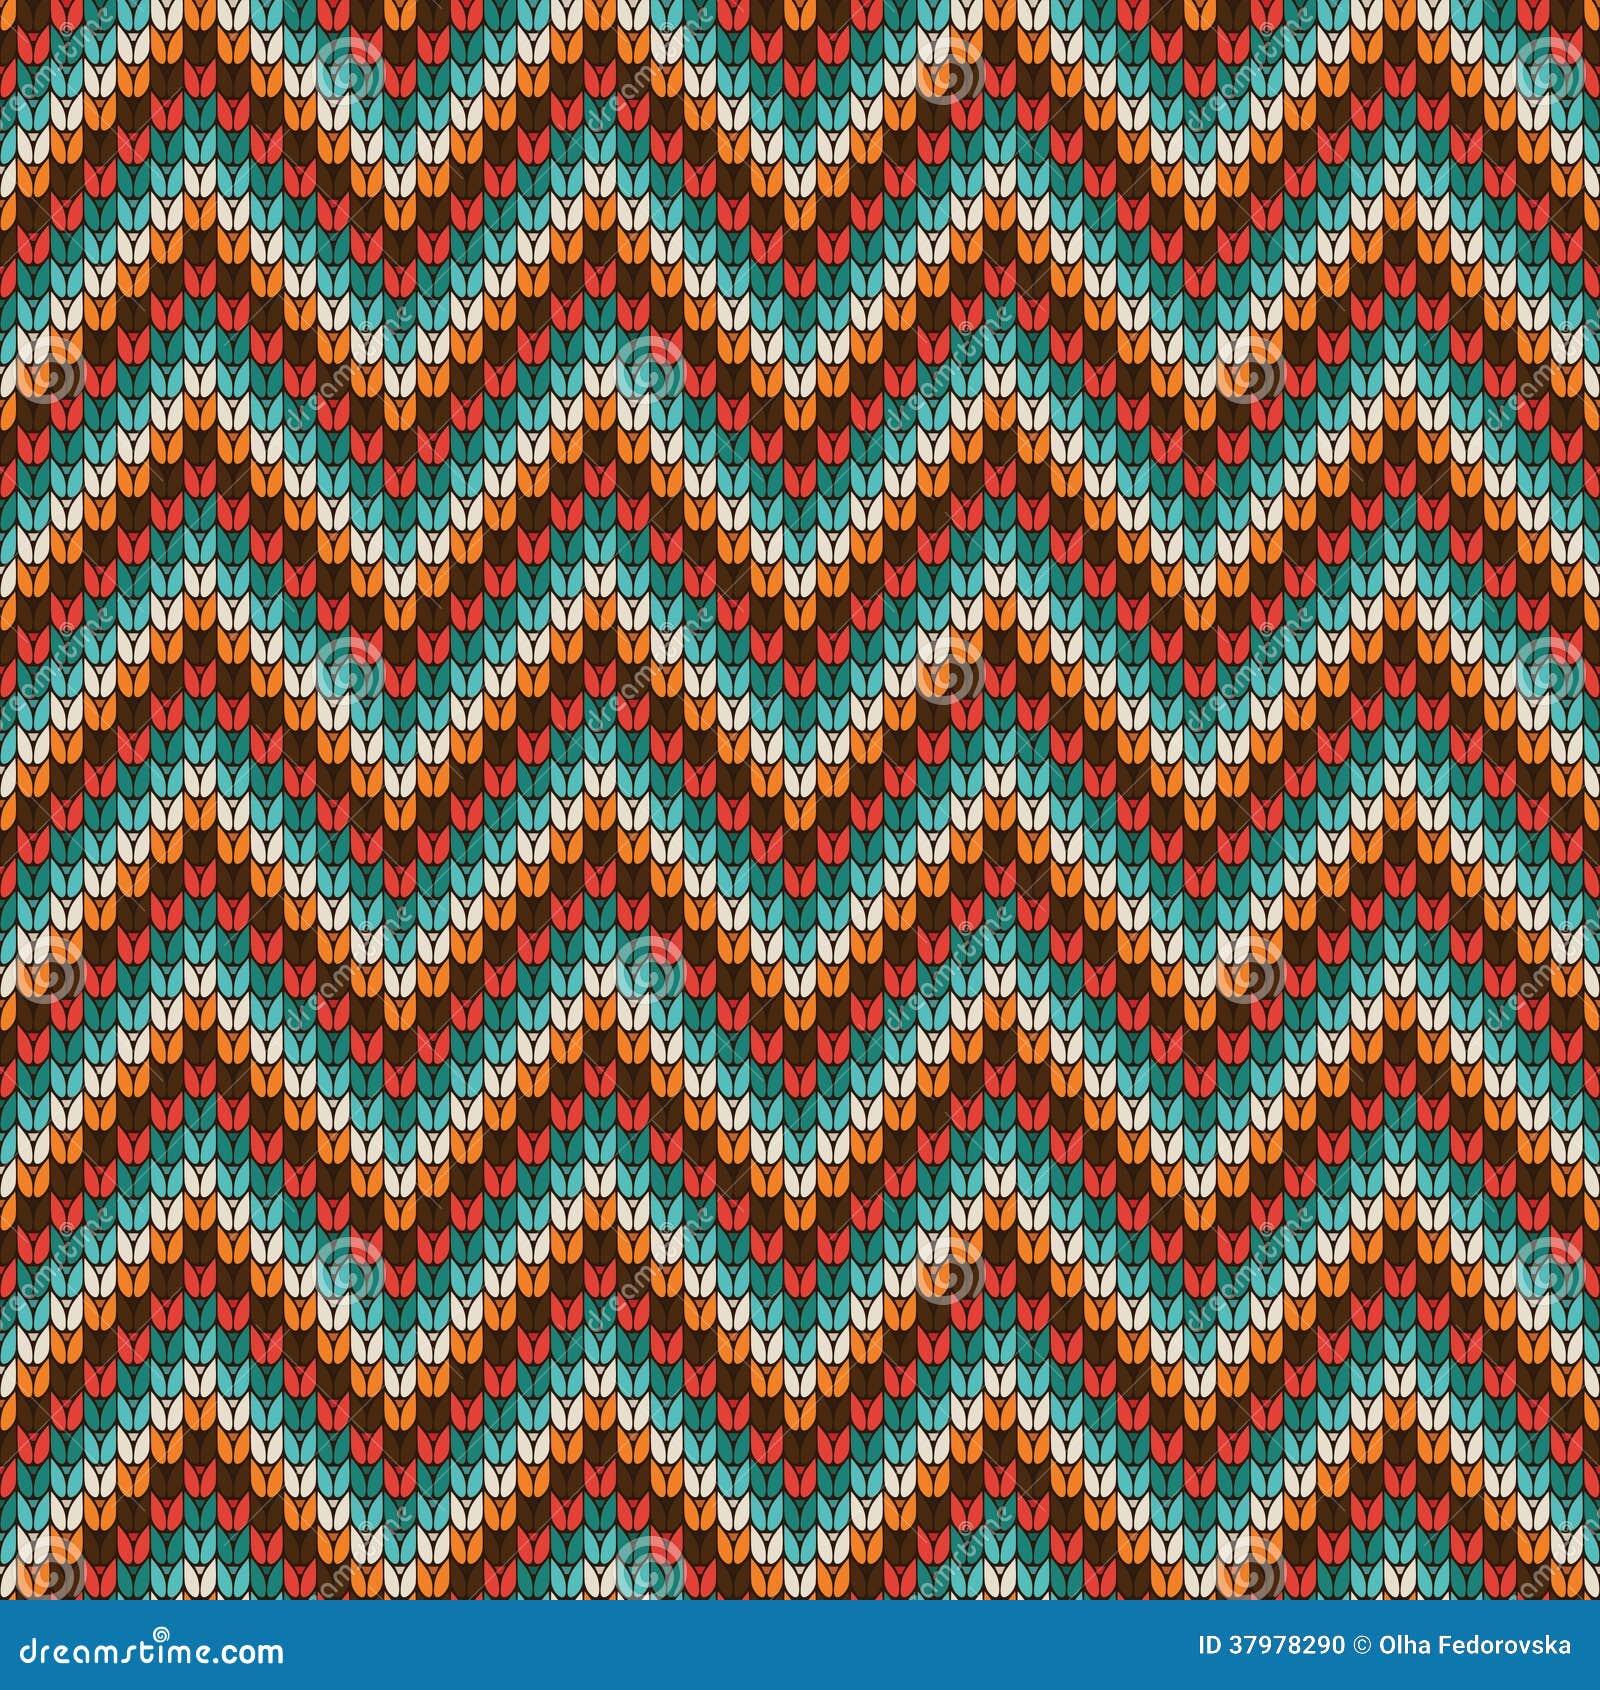 Zigzag Knitting Pattern : Seamless Zigzag Knitting Pattern Stock Photo - Image: 37978290